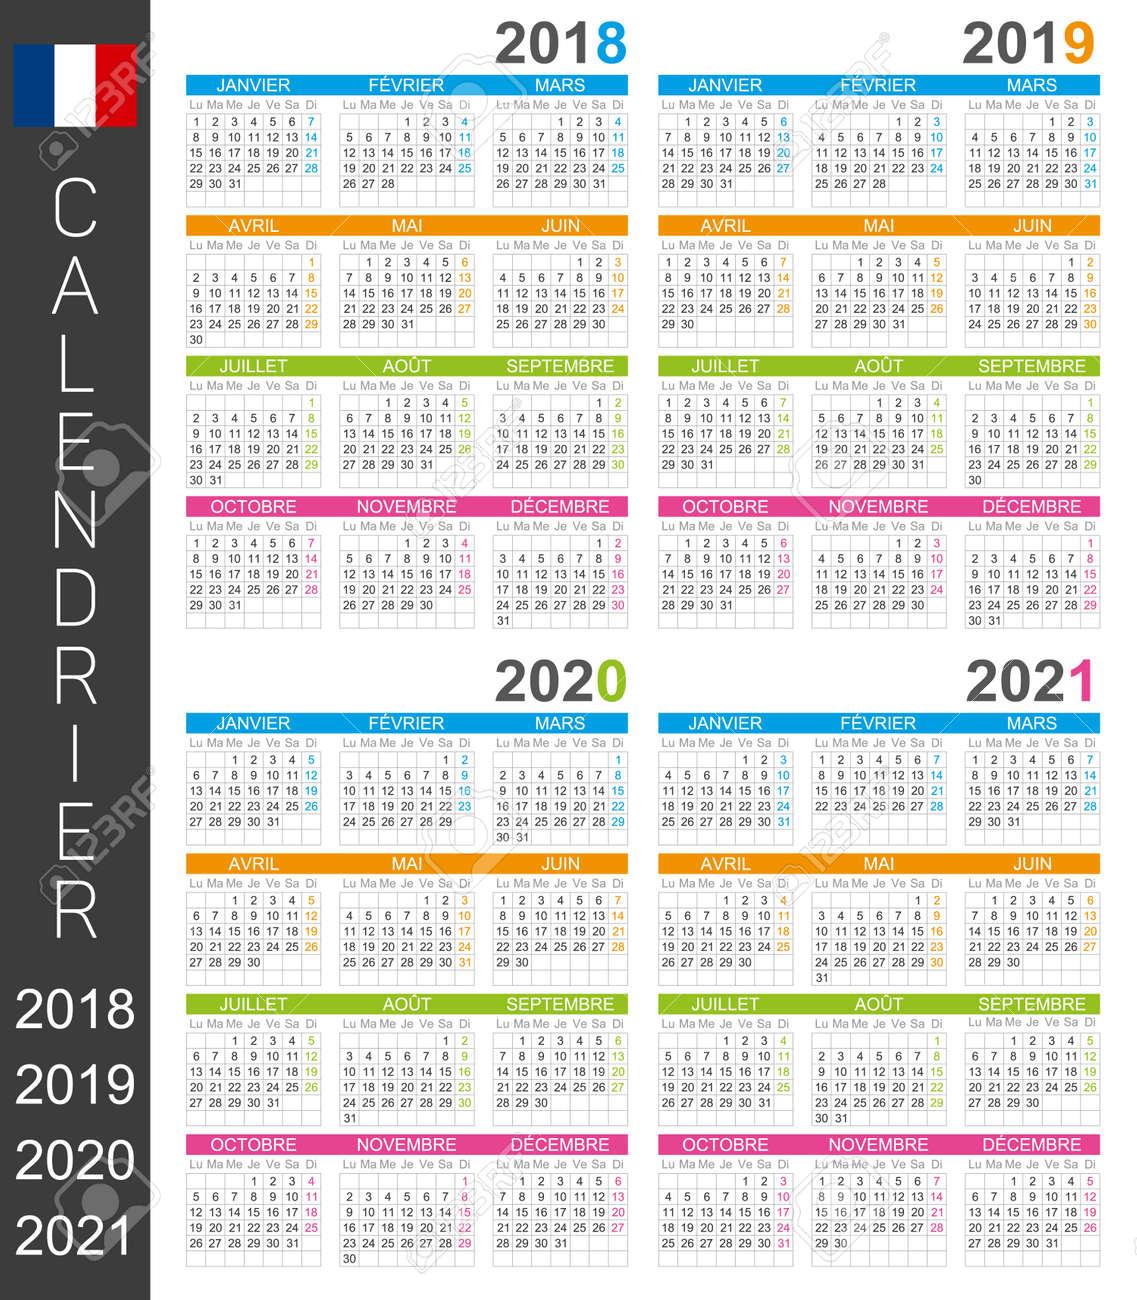 Calendario Frances.Plantilla De Calendario Frances Para Los Anos 2018 2019 2020 2021 Semana Empieza El Lunes